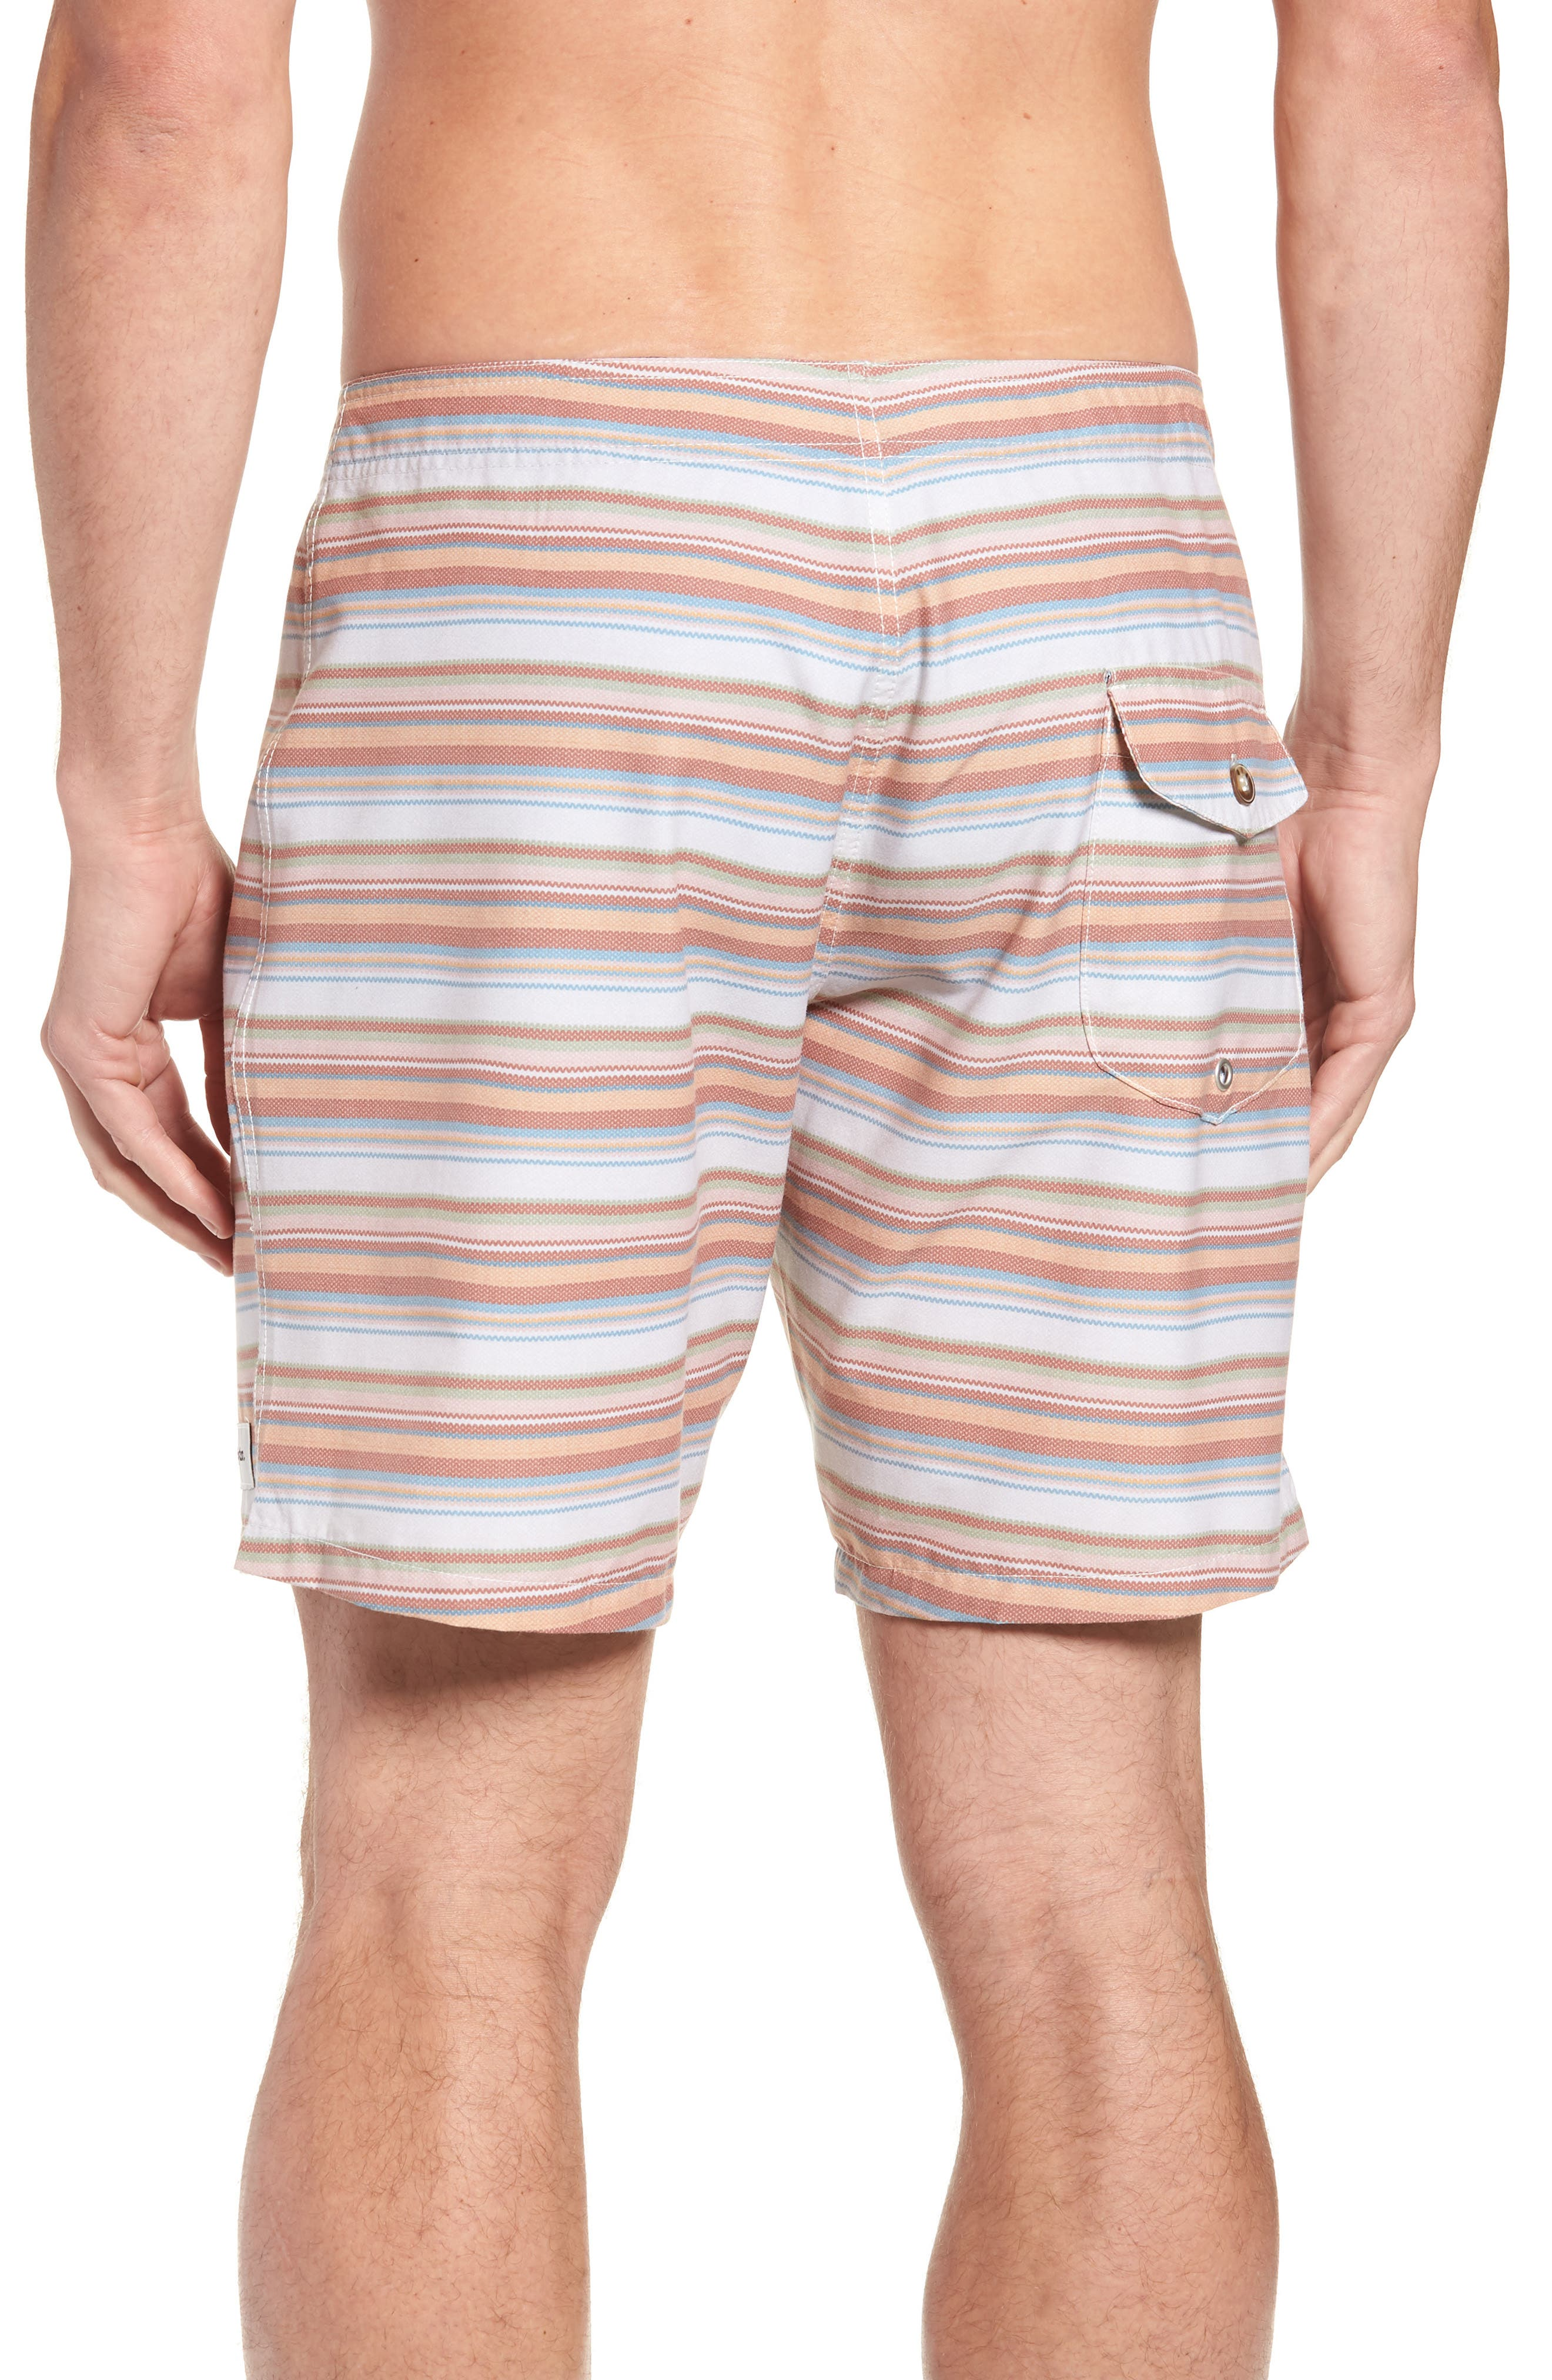 Tuscan Stripe Swim Trunks,                             Alternate thumbnail 2, color,                             TERRACOTTA